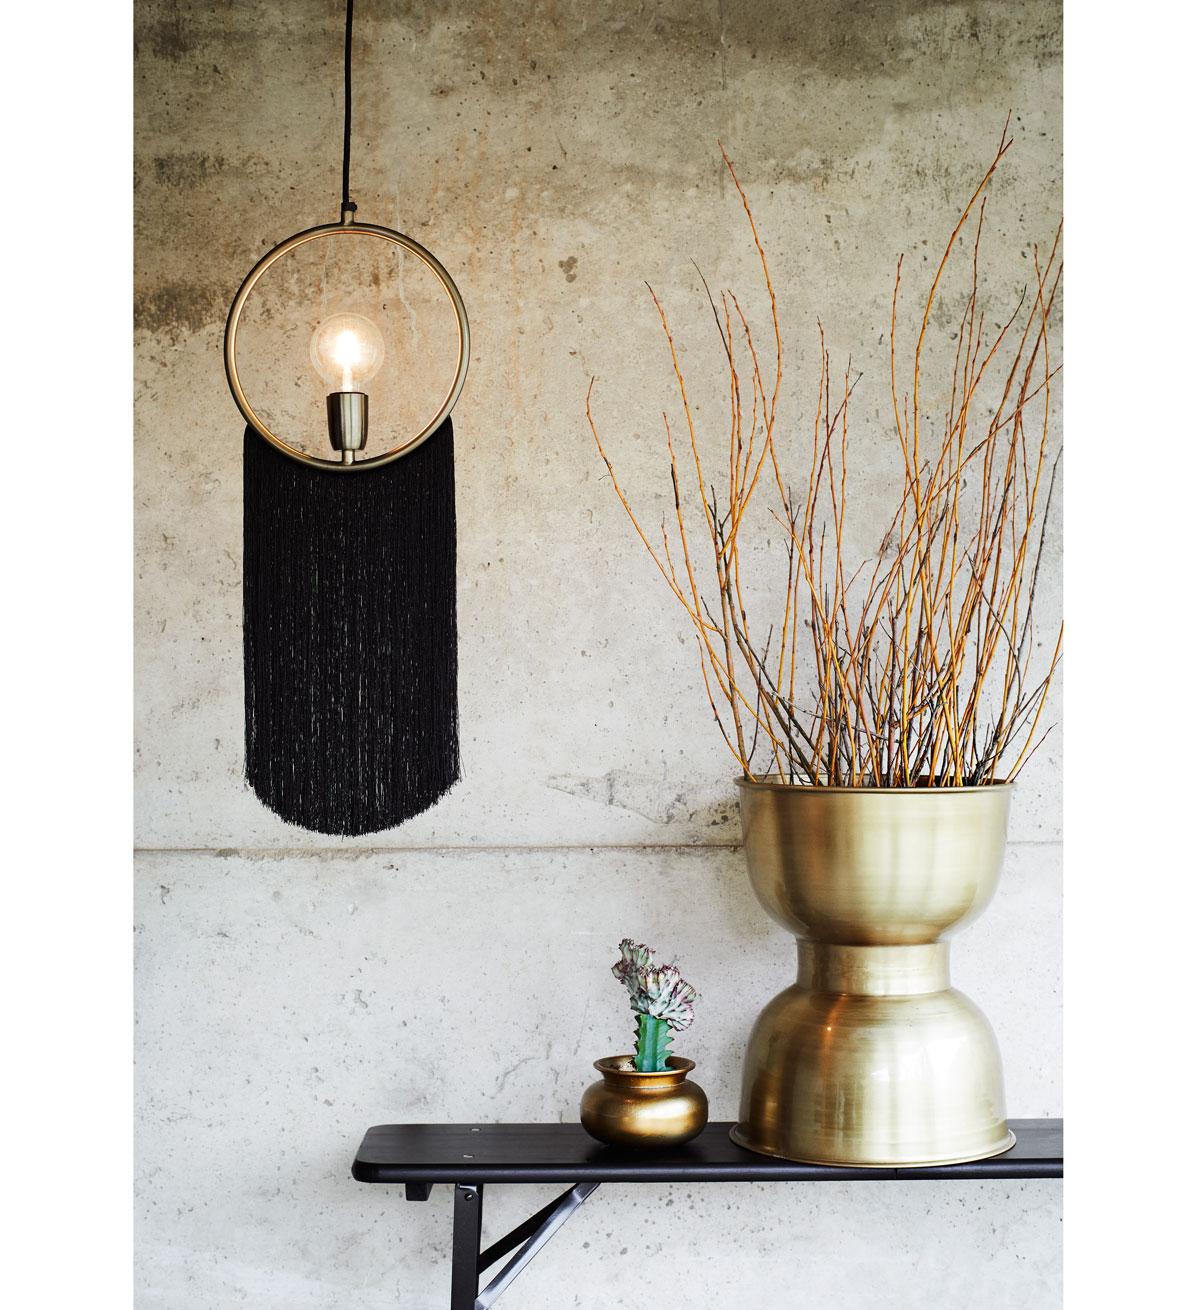 okrúhle svietidlo s dlhými strapcami a polička s metalickými vázami